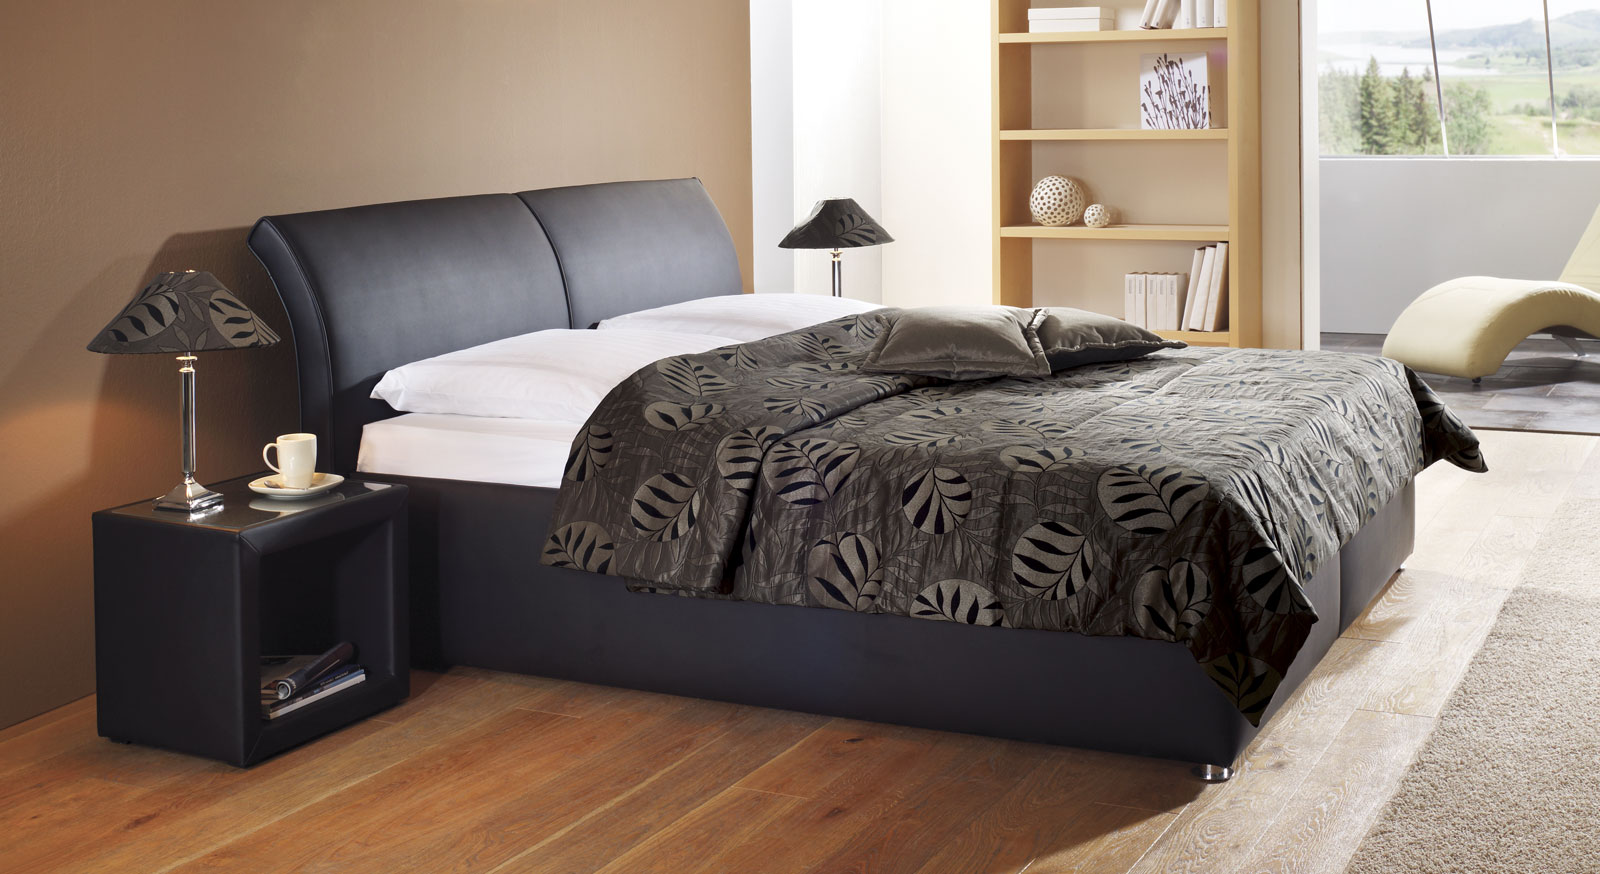 Full Size of Bett 180x200 Schwarz Holz Malm Schwarzbraun Stauraum Ikea Brimnes Polsterbett Trapani Mit Bettkasten In Z B Cm Hasena Betten Luxus Weißes 140x200 190x90 Bett Bett 180x200 Schwarz